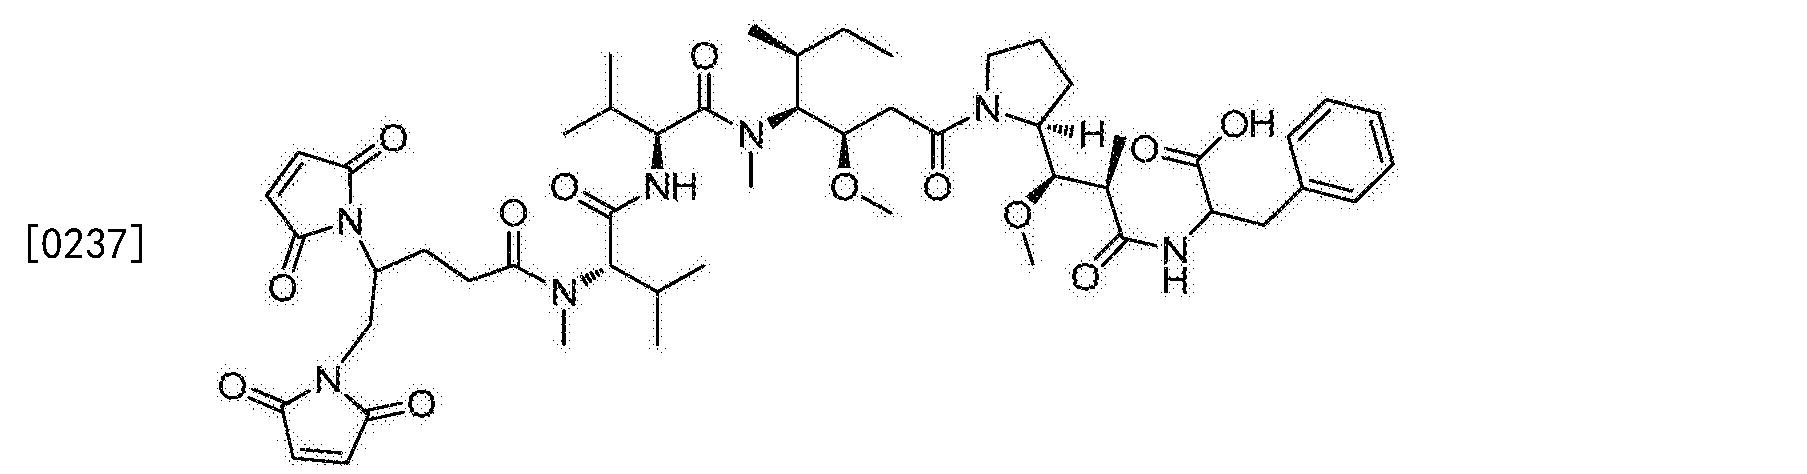 Figure CN103933575BD00303